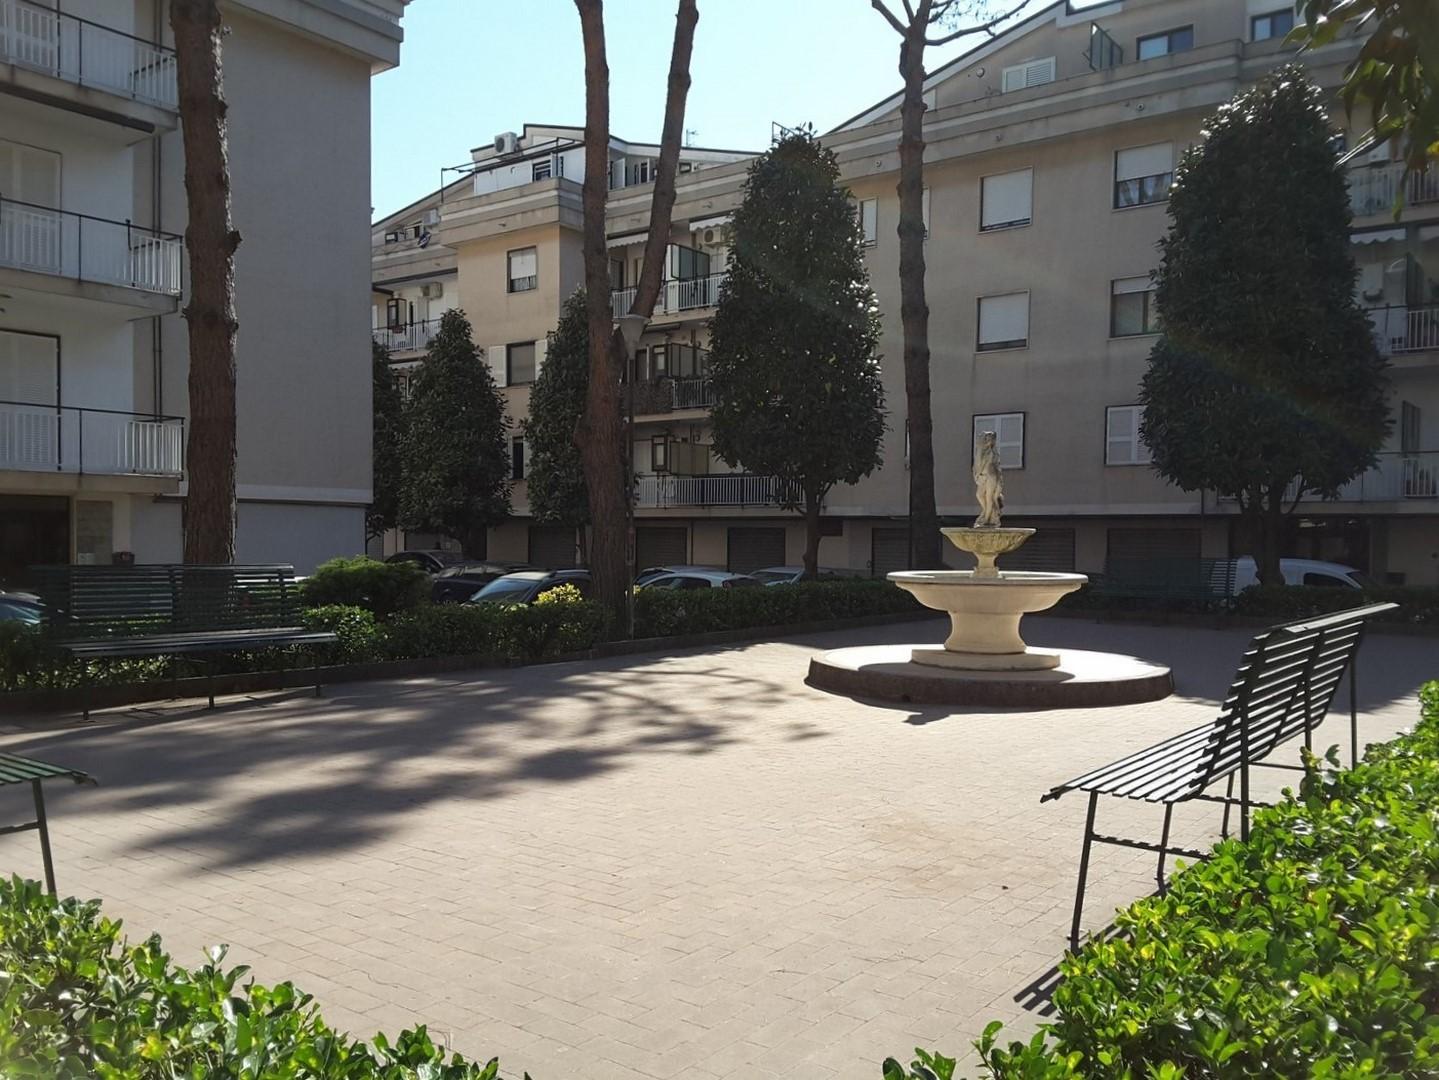 Appartamento quadrilocale in vendita quarto annunci for Case in vendita quarto napoli